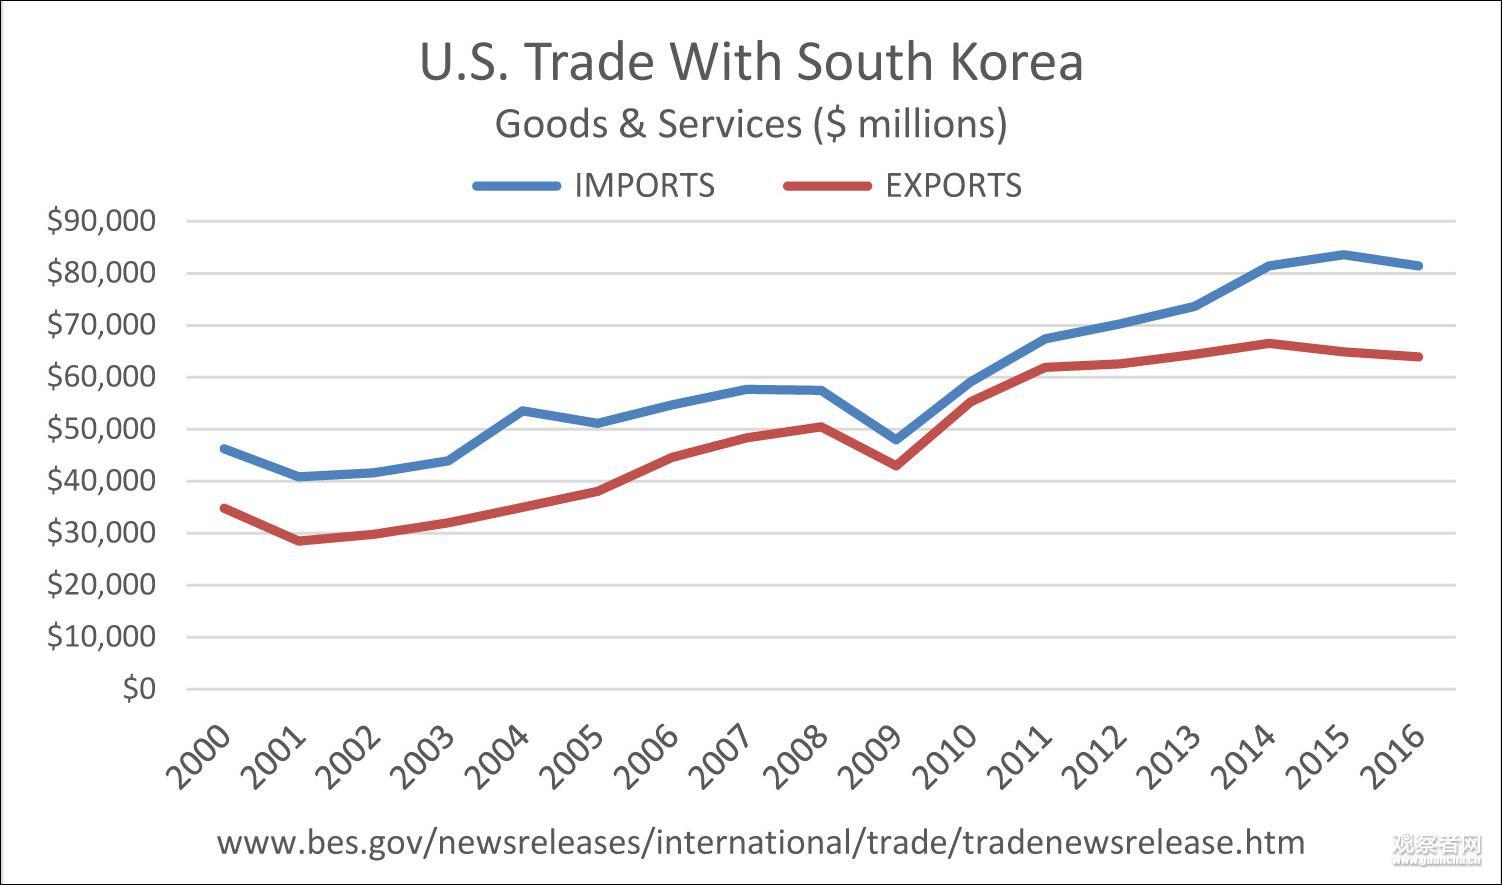 特朗普上任来首个贸易协议!美韩签署贸易修正协议